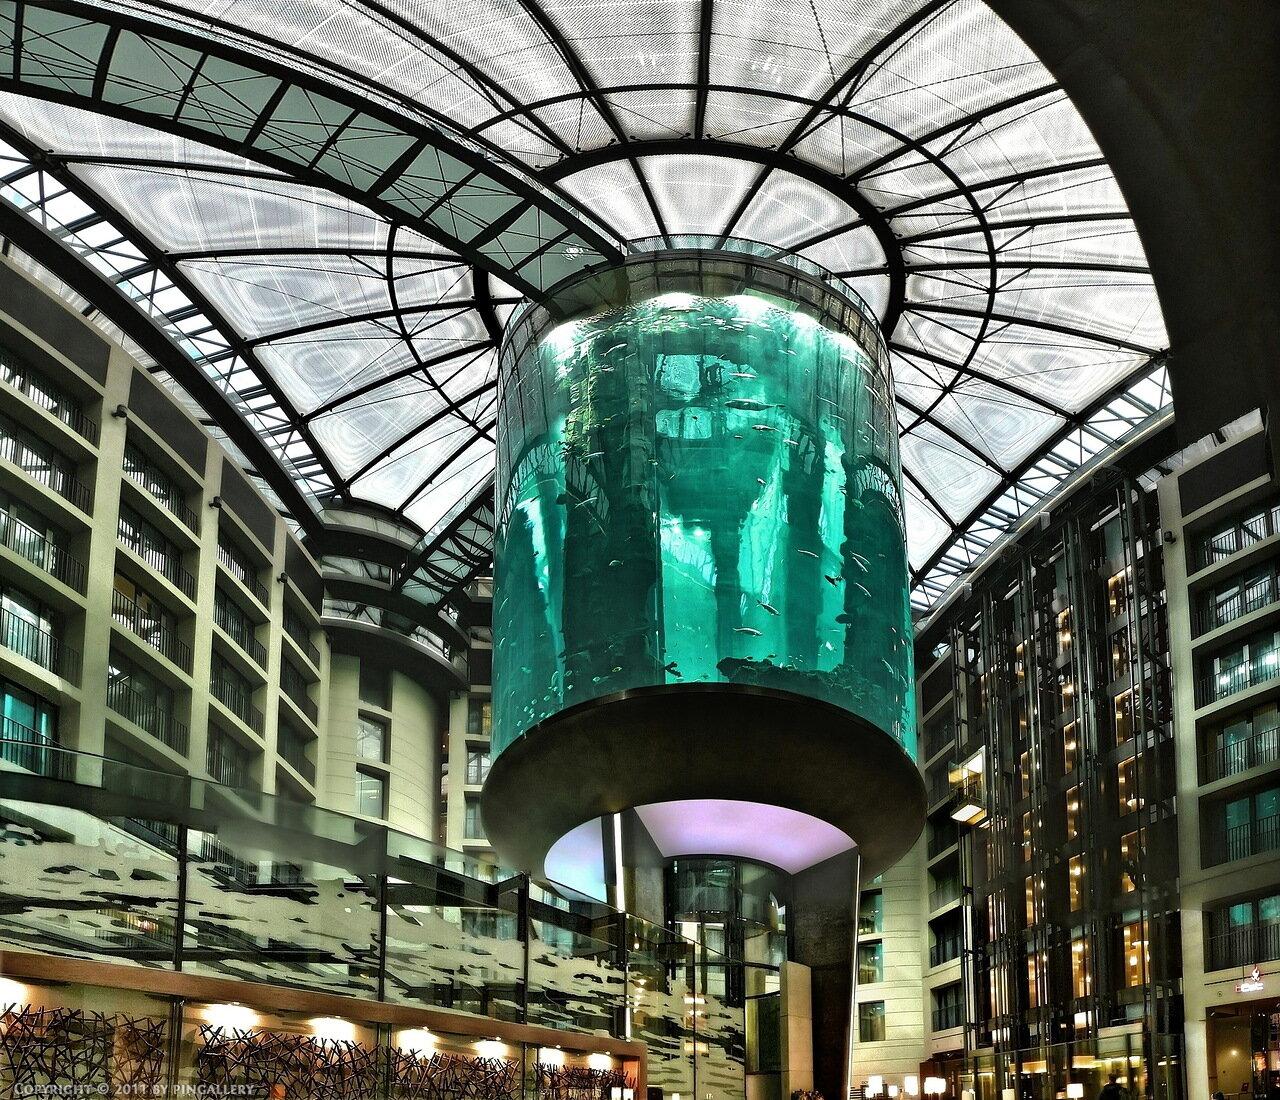 """Этот лифт находится в вестибюле Берлинского отеля  """"Рэдиссон Блю """", однако название  """"АкваДом """" говорит само за себя..."""